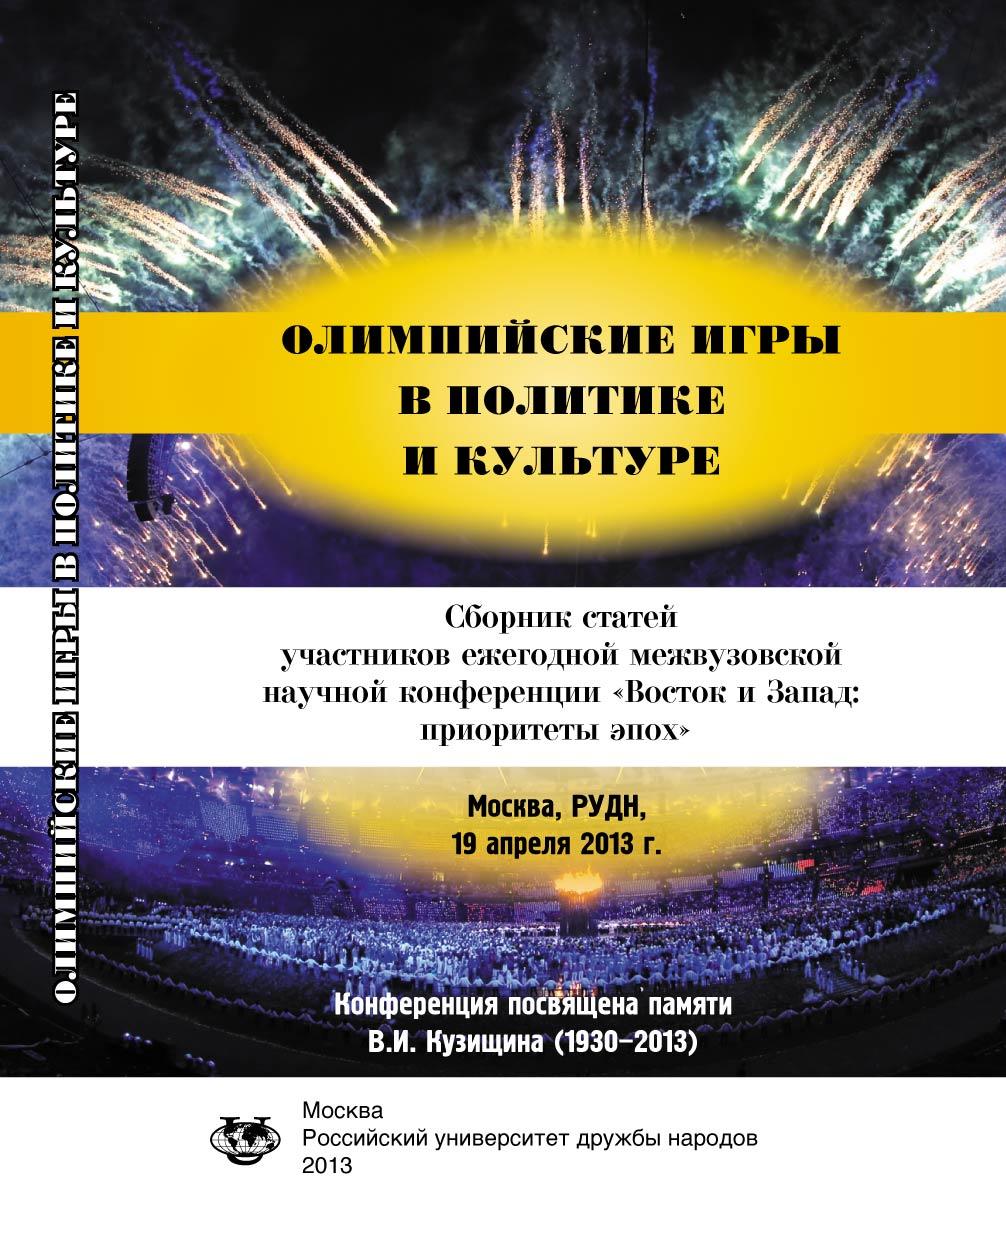 Олимпийские игры в политике и культуре